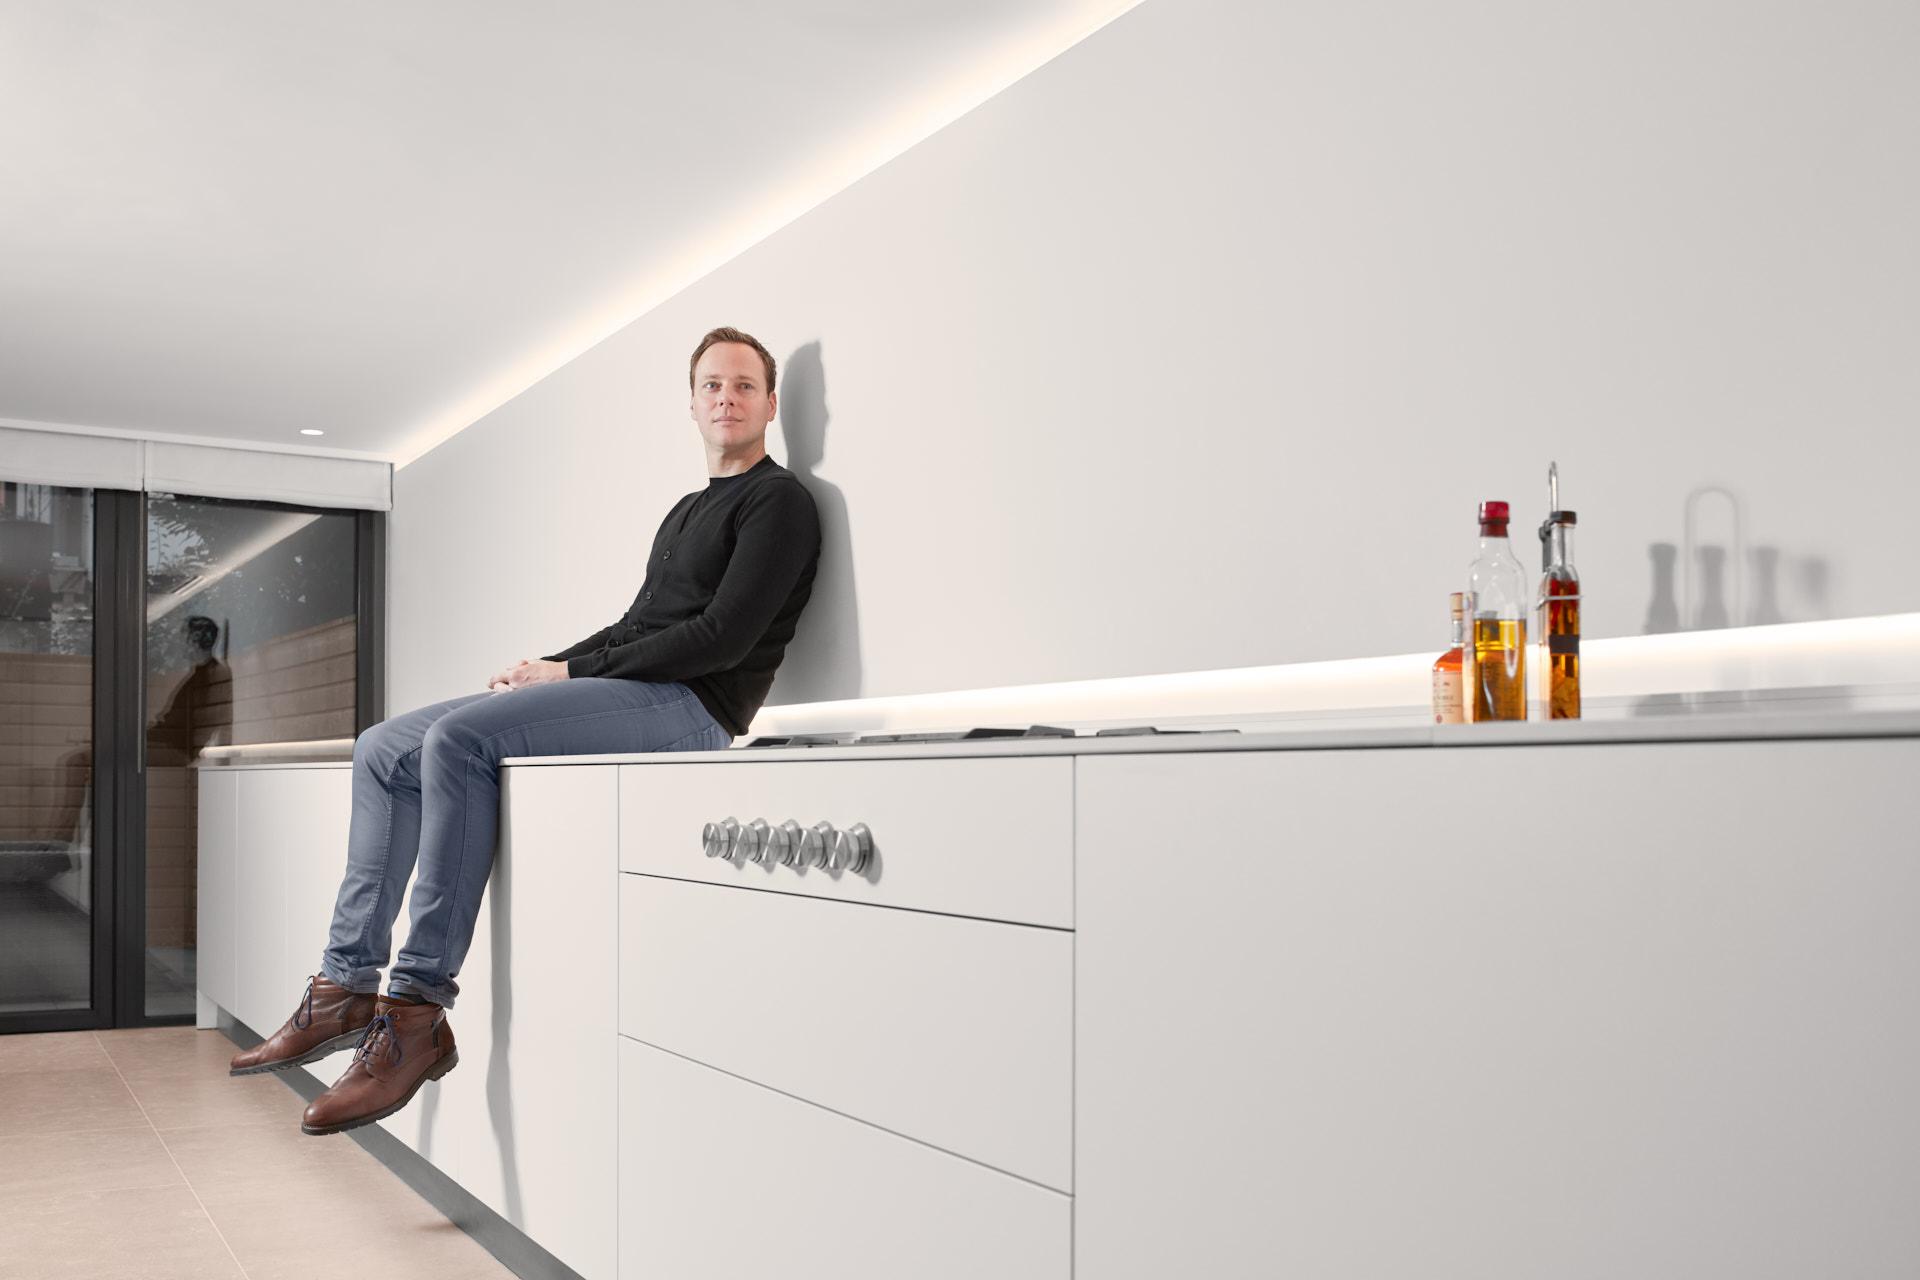 Maxim Winkelaar architect in amsterdam voor verbouw, renovatie en nieuwbouw van luxe woningen, appartementen en villabouw.